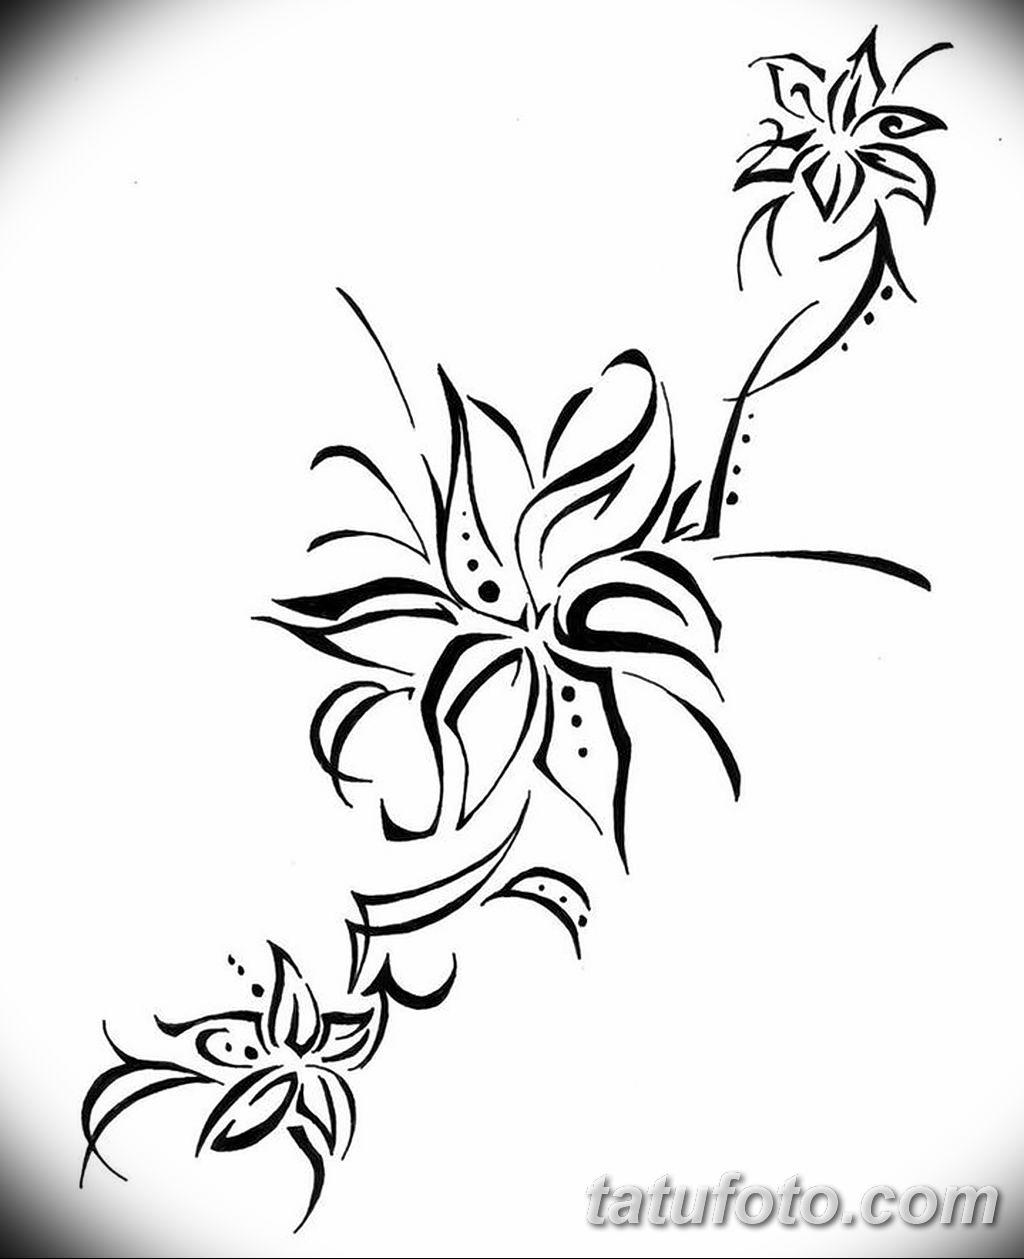 Фото эскиза тату жасмин 22.08.2019 №014 - jasmine tattoo sketch - tatufoto.com